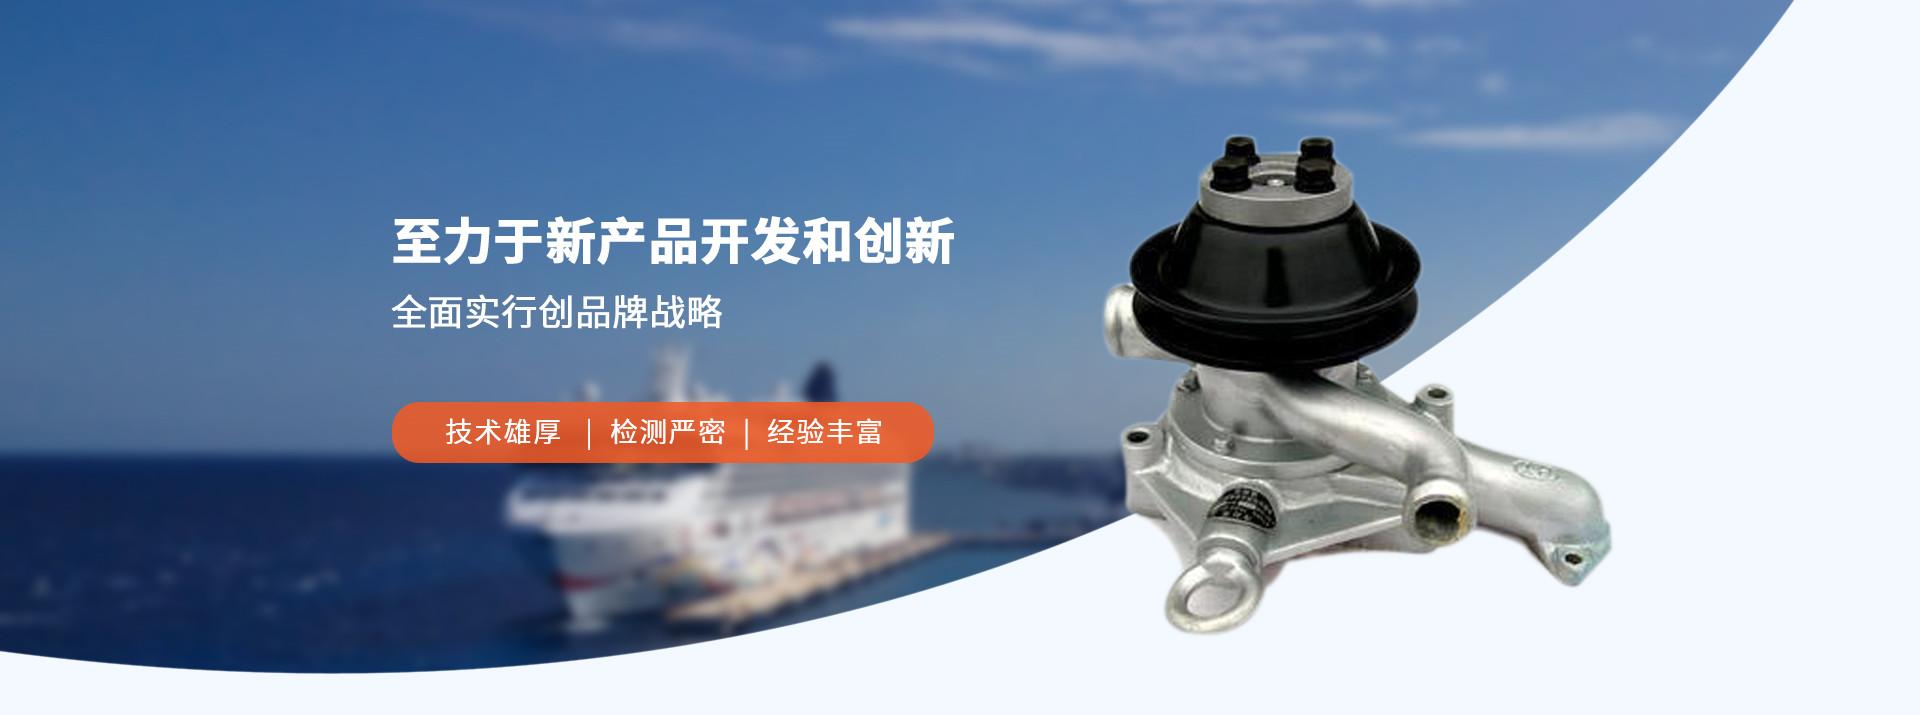 柴油机冷却海水泵